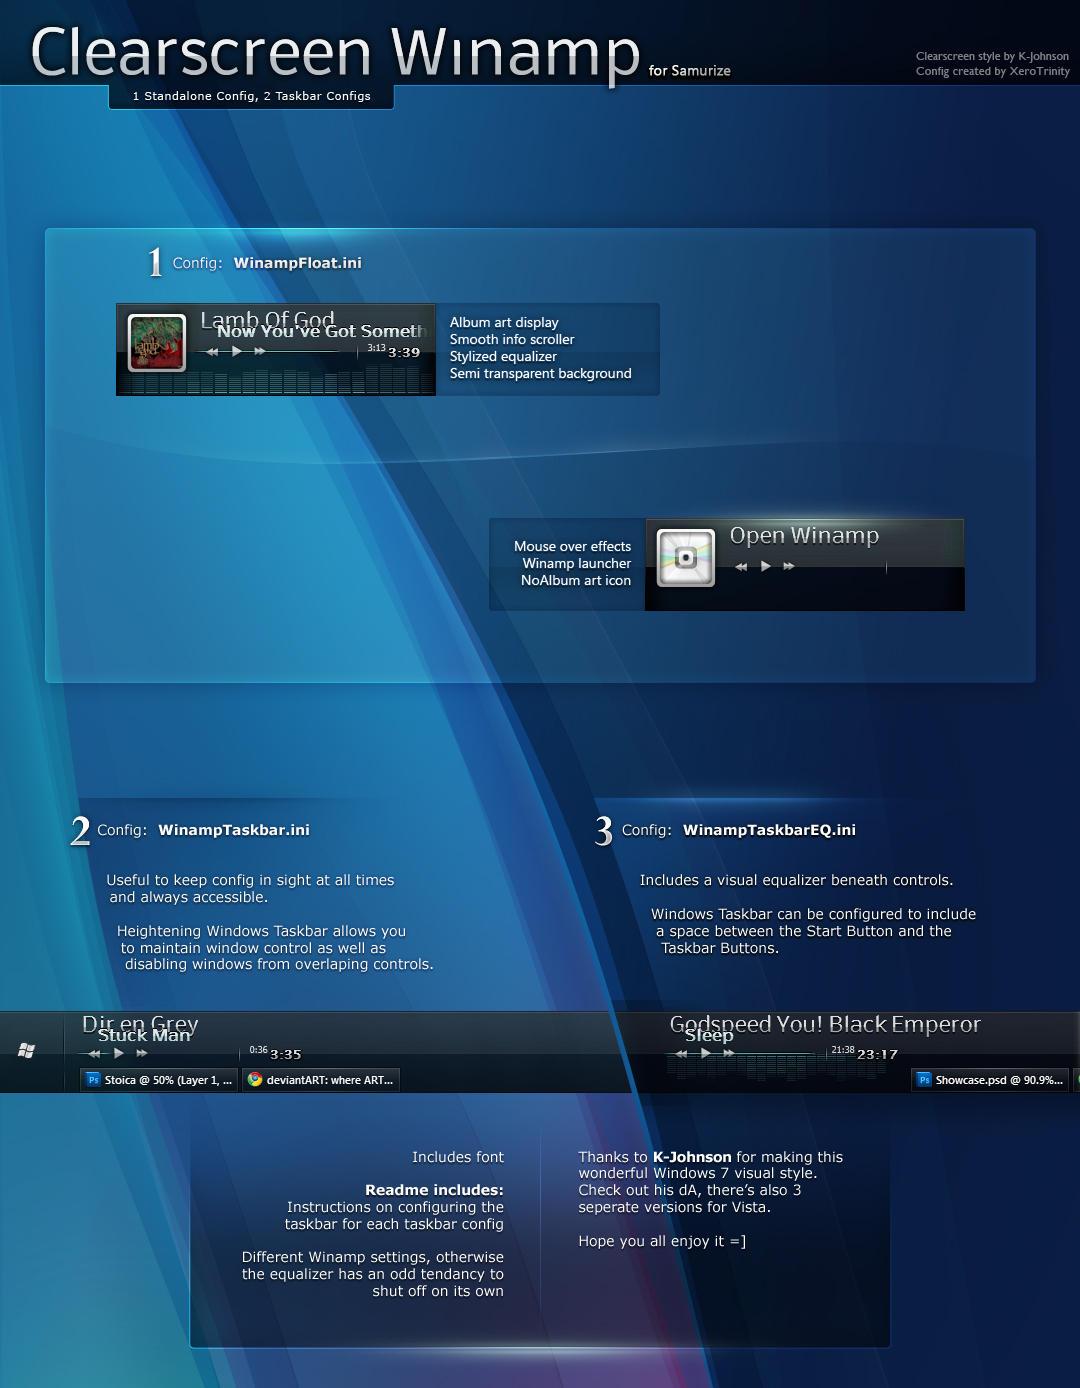 Clearscreen Winamp by XeroTrinity